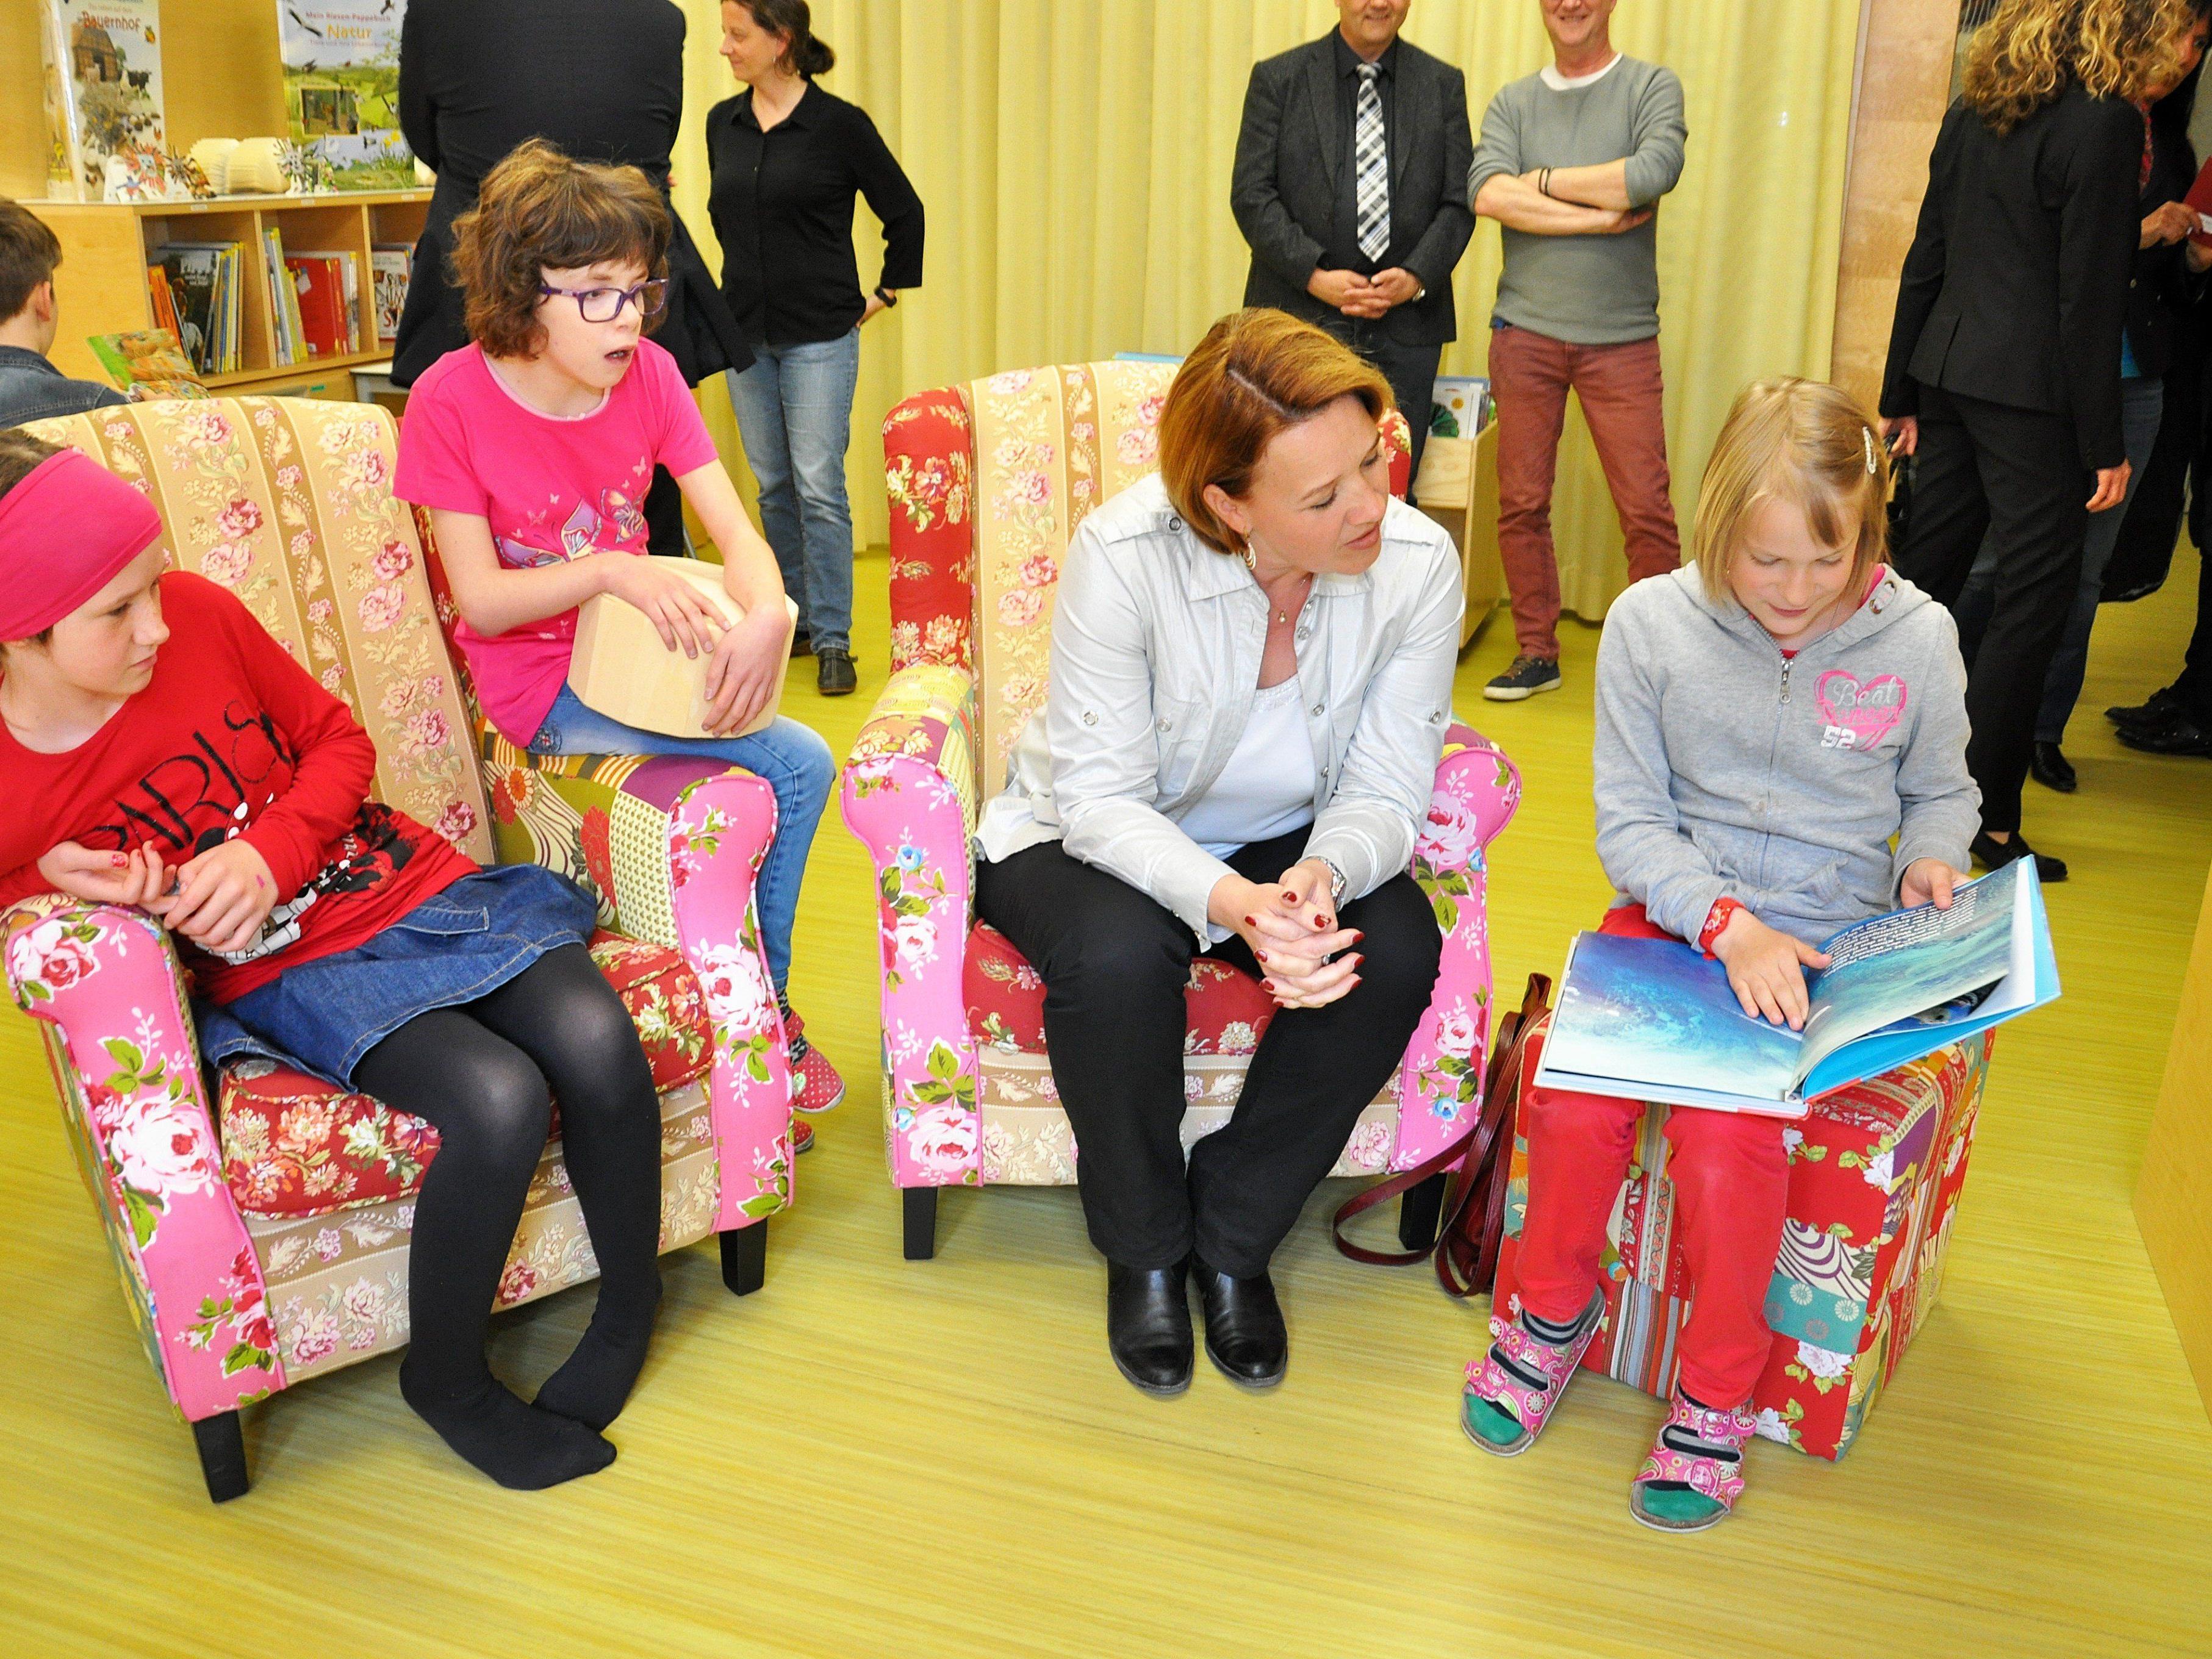 Die Bücherei wurde so eingerichtet, dass sich die Kinder rundherum wohlfühlen und zum Lesen und Sprechen angeleitet werden können.